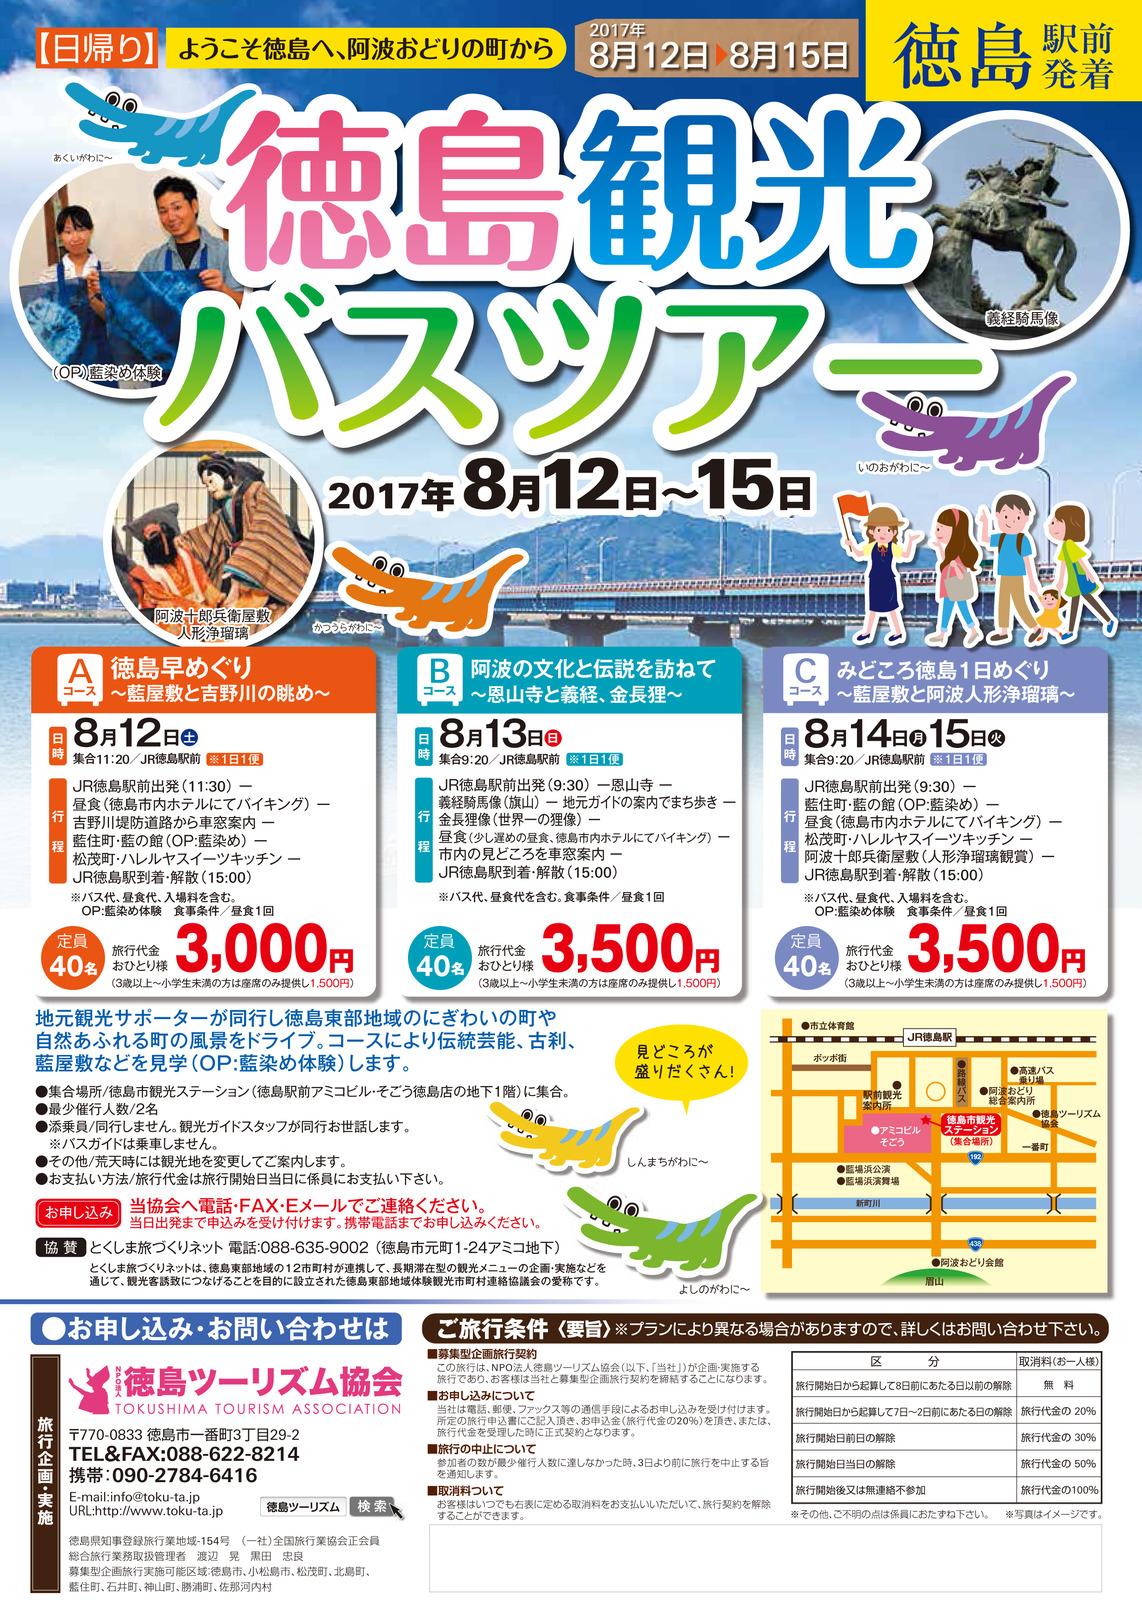 徳島観光バスツアーチラシ2017